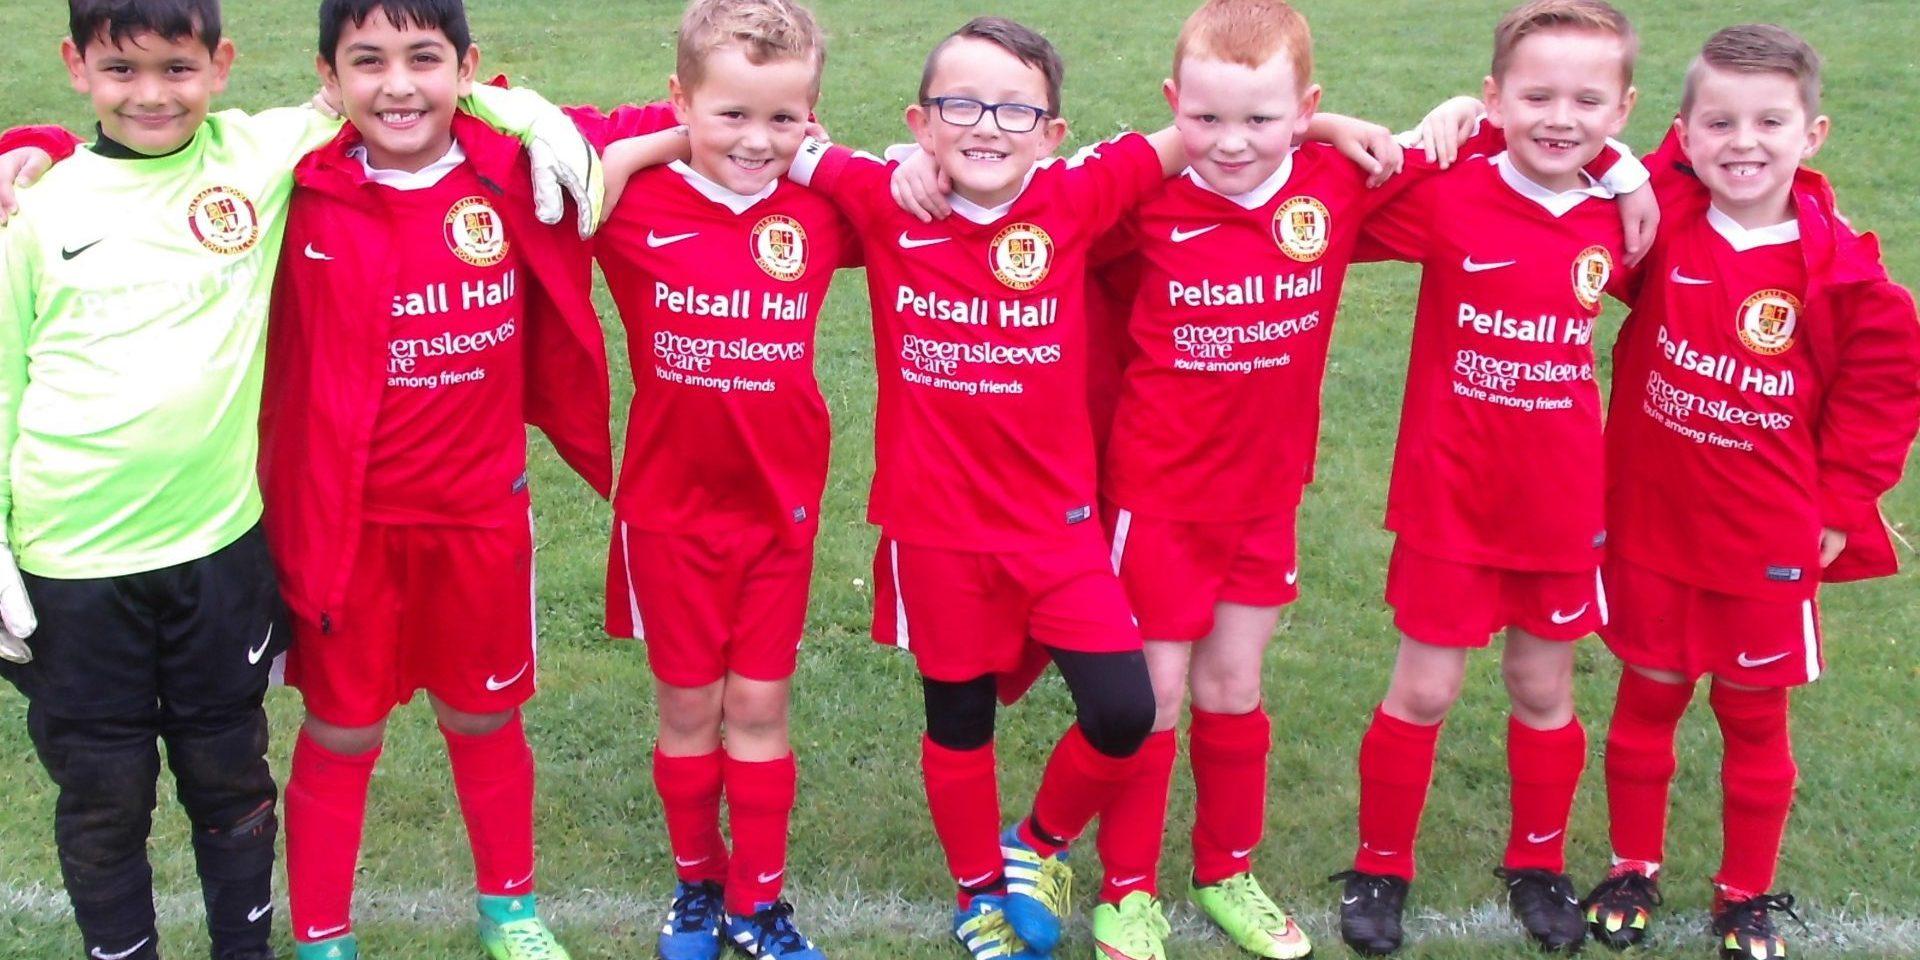 Pelsall Hall Care Home sponsor Young Football Team